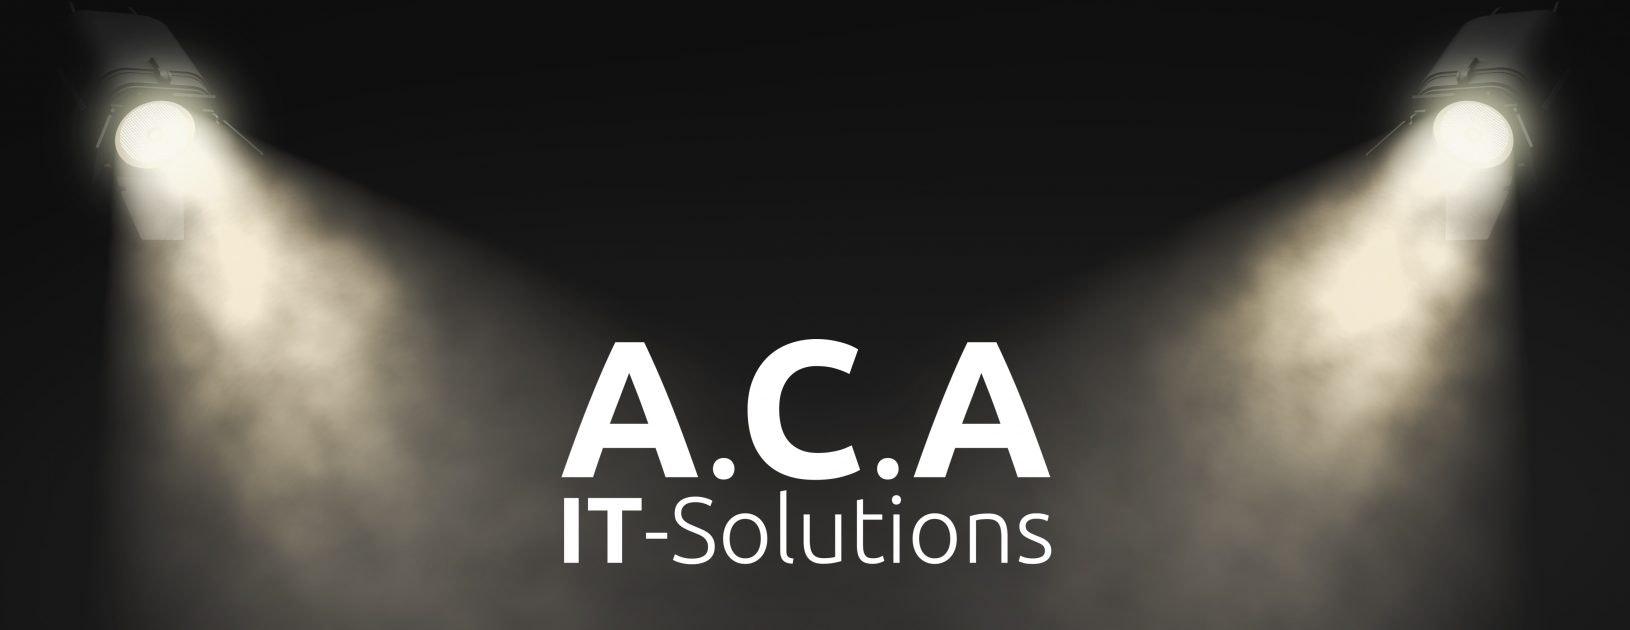 ACA IT-Solutions